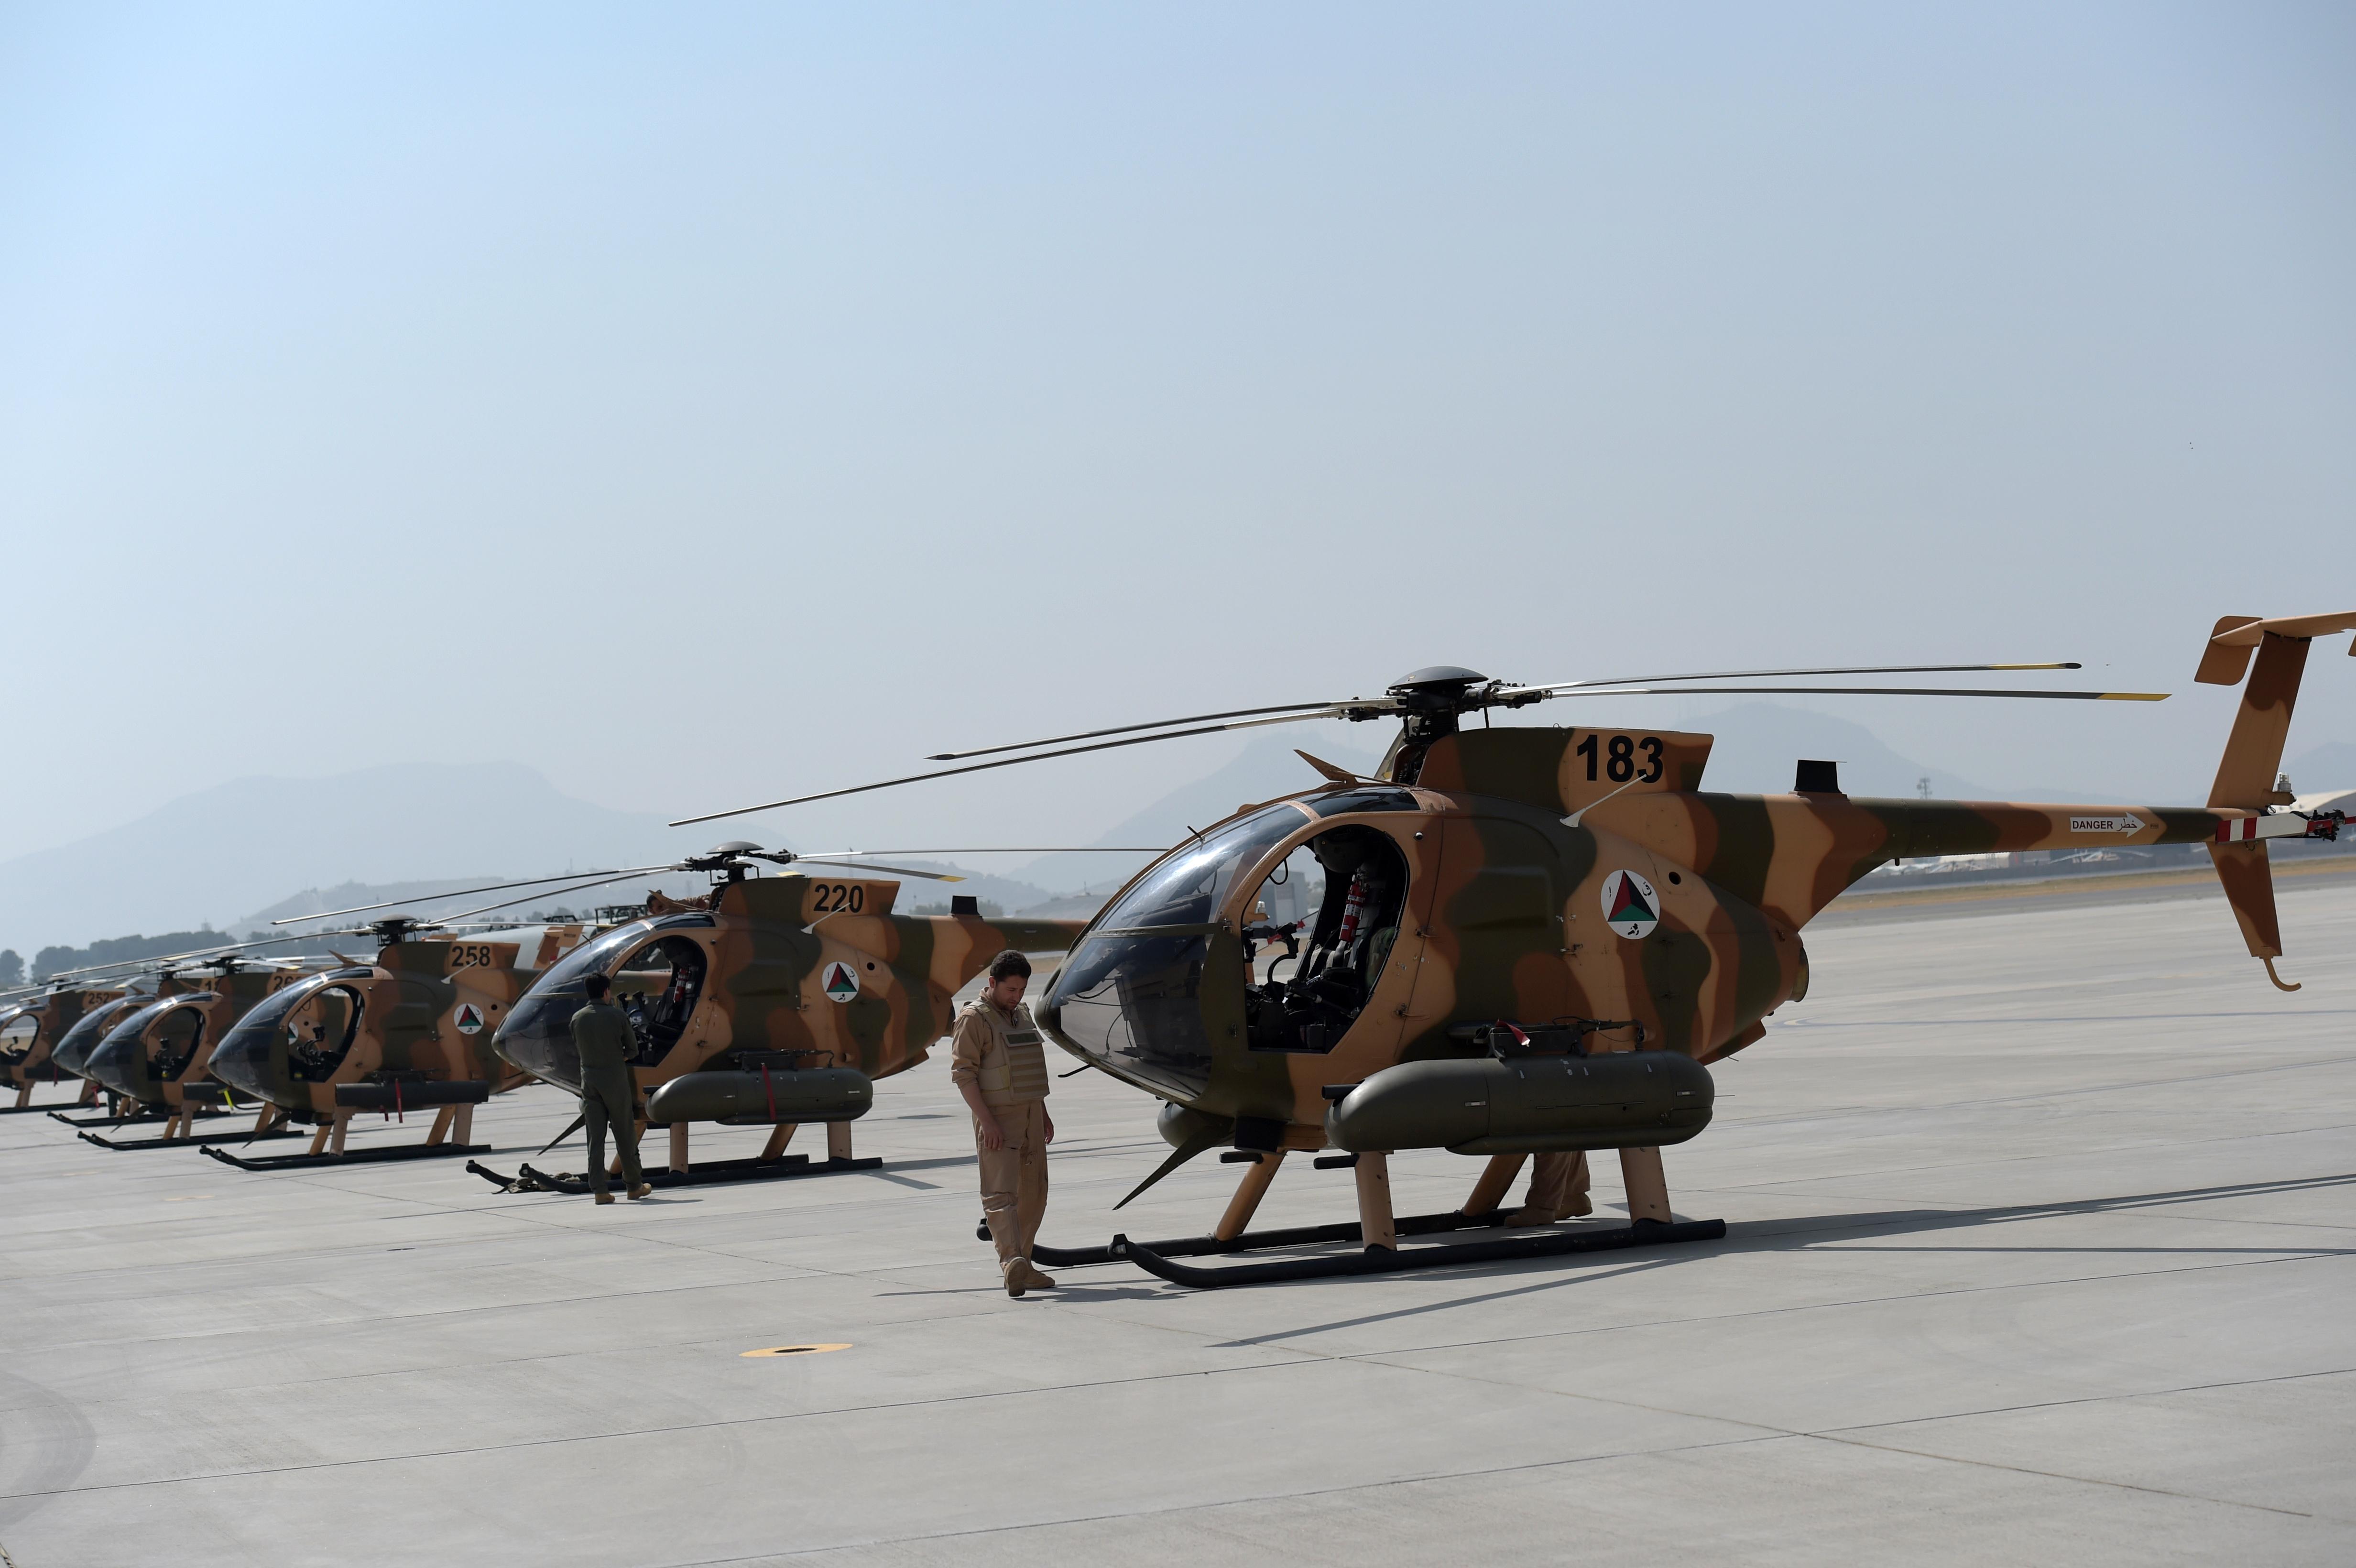 افغان هوایي ځواک اورپکو ته په ماتې ورکولو کې حیاتي رول لوبوي